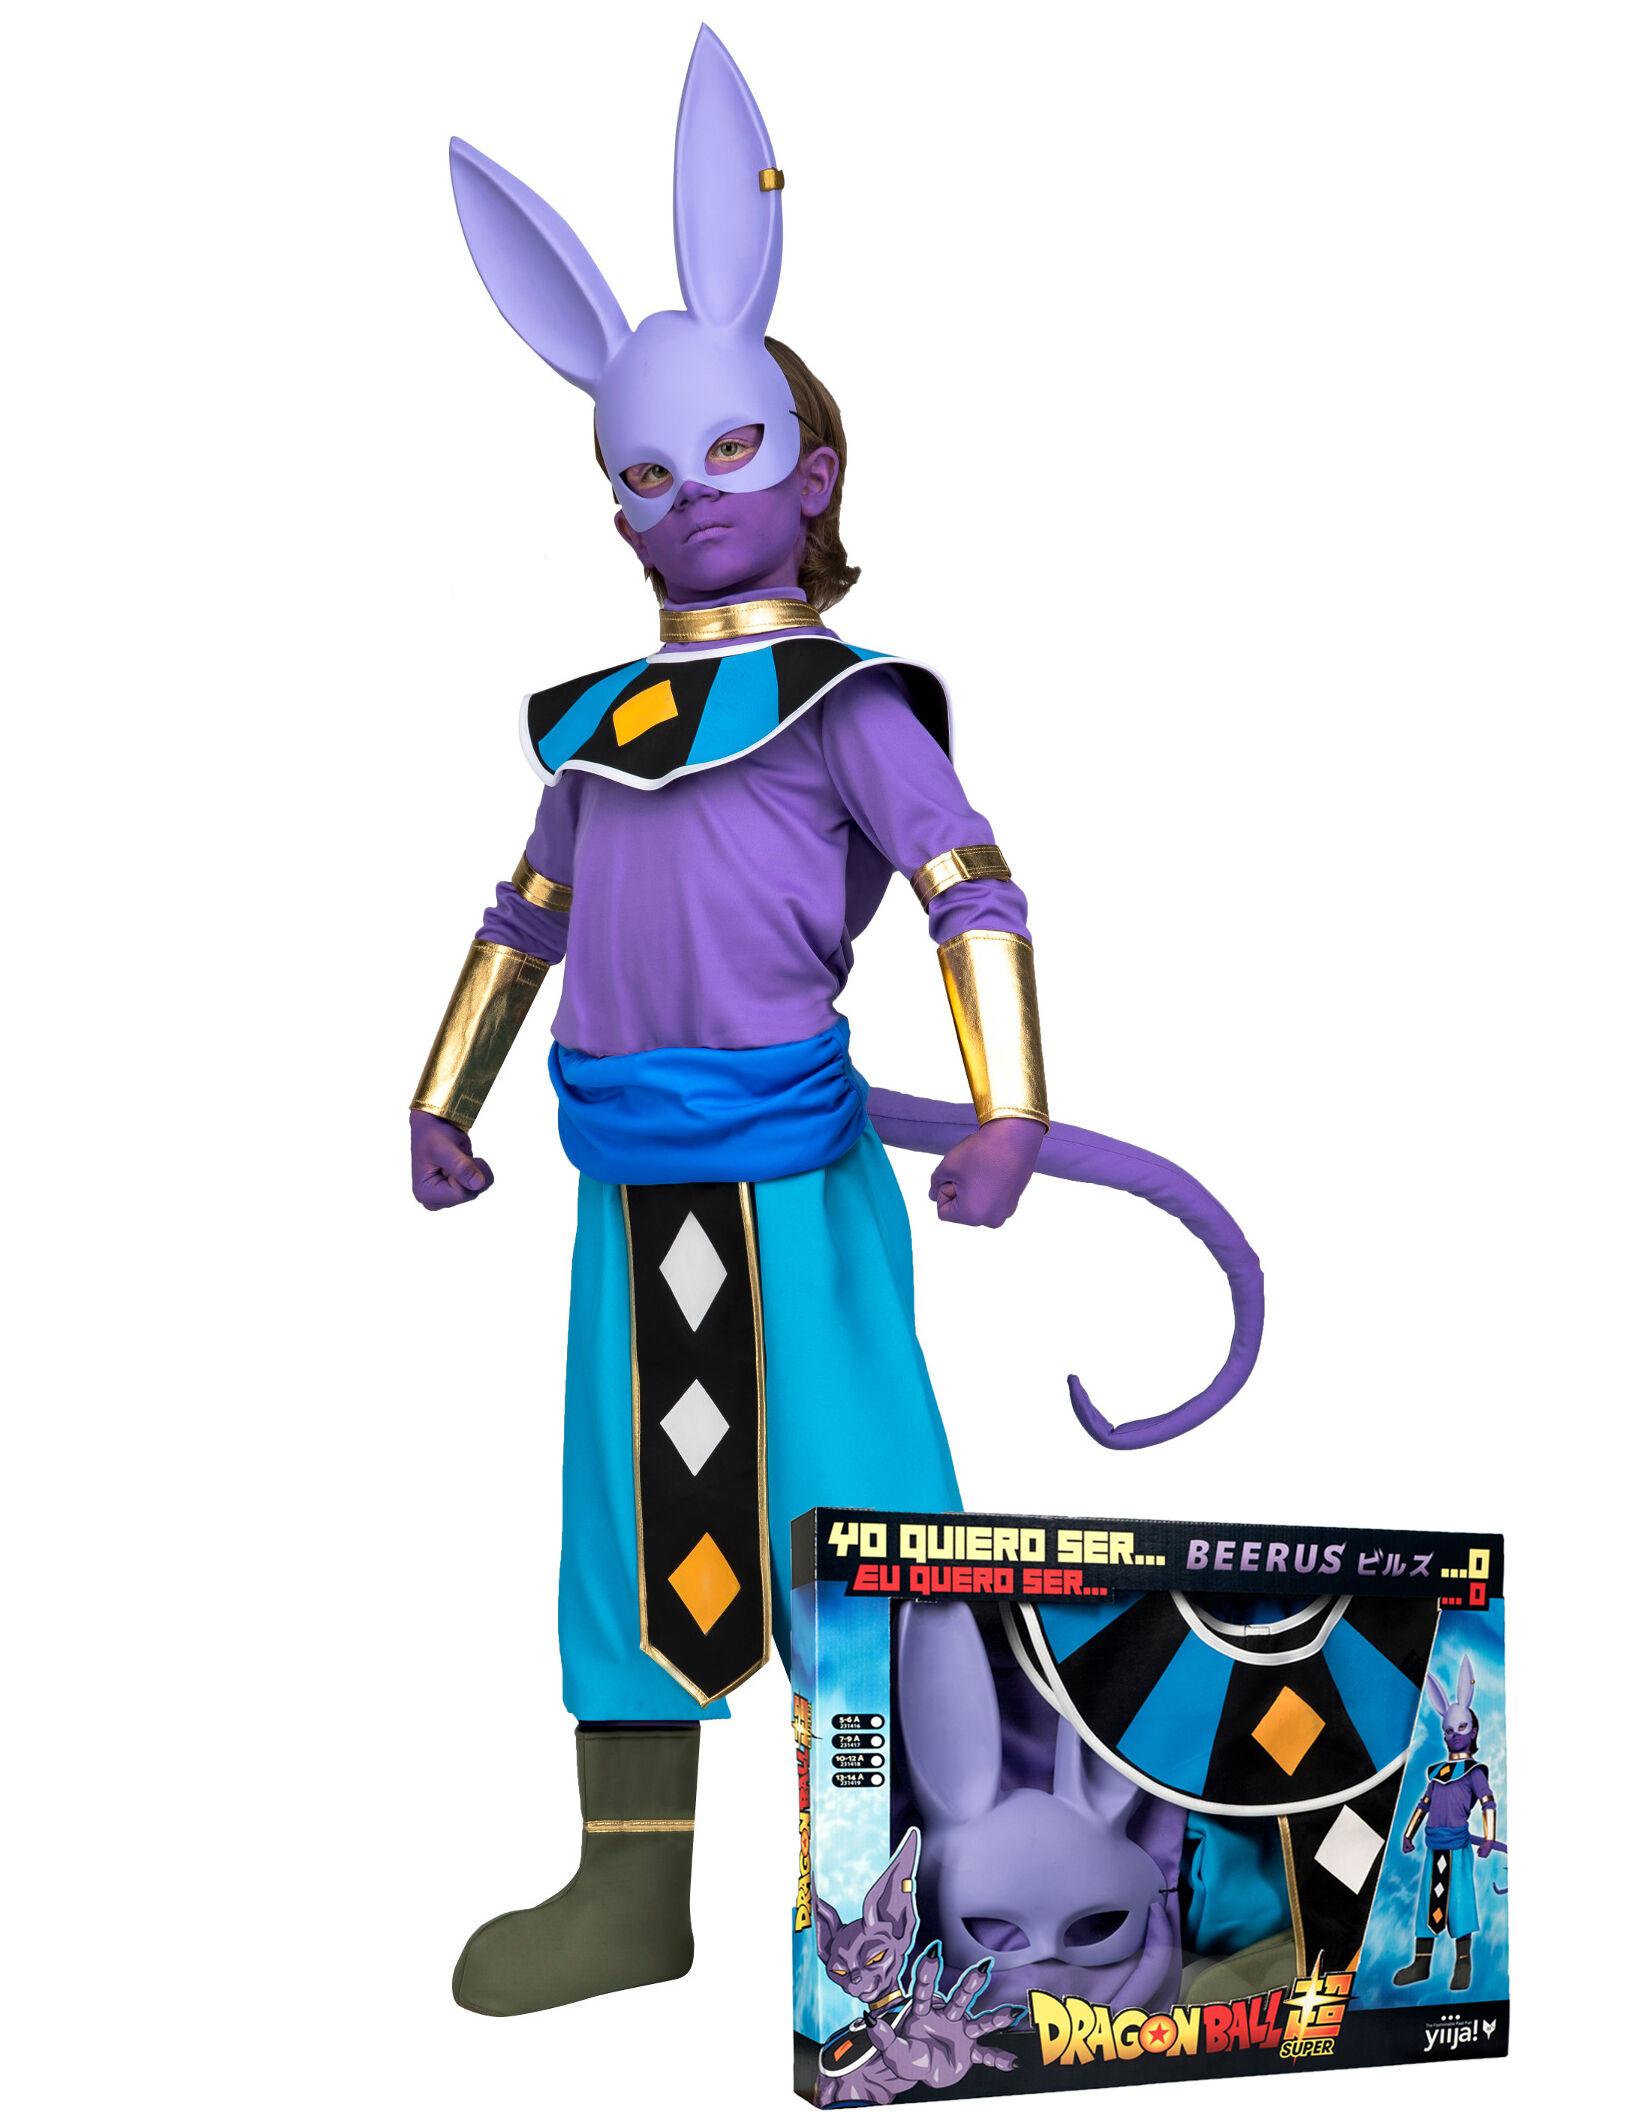 Deguisetoi Coffret déguisement avec masque Beerus Dragon Ball enfant - Taille: 10 - 12 ans (140 - 152 cm)